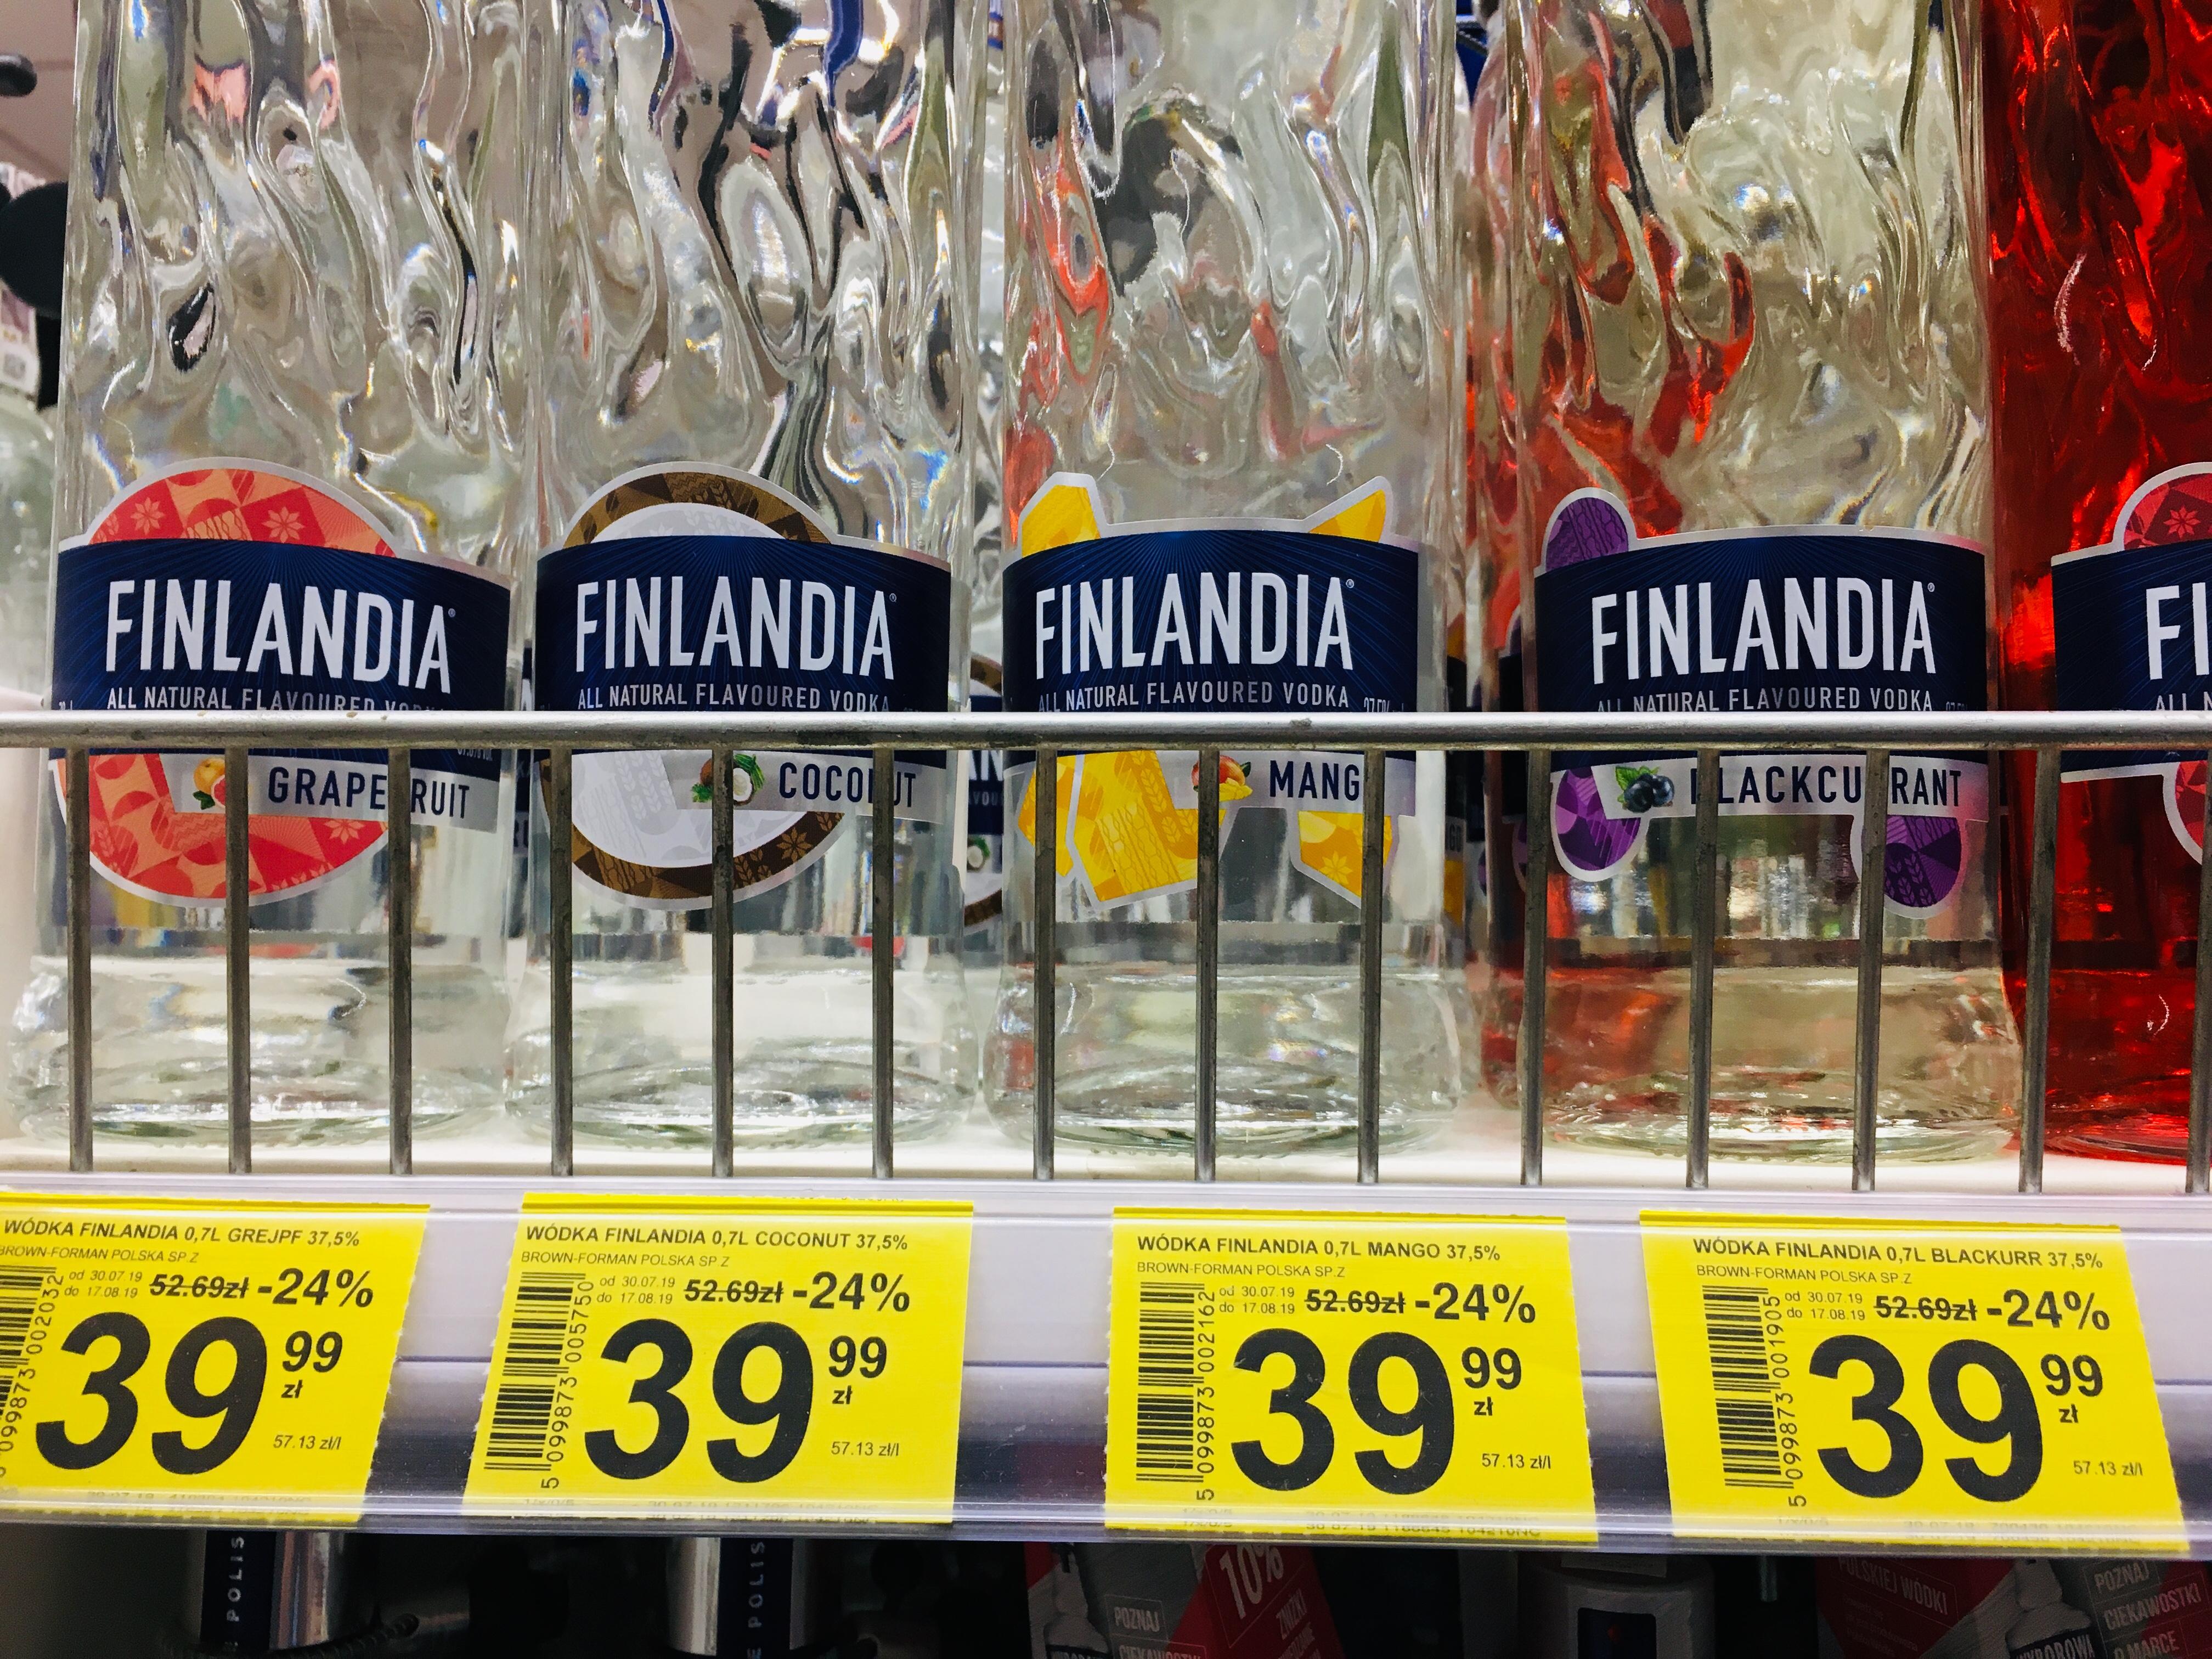 Finlandia 0.7 wszystkie smaki